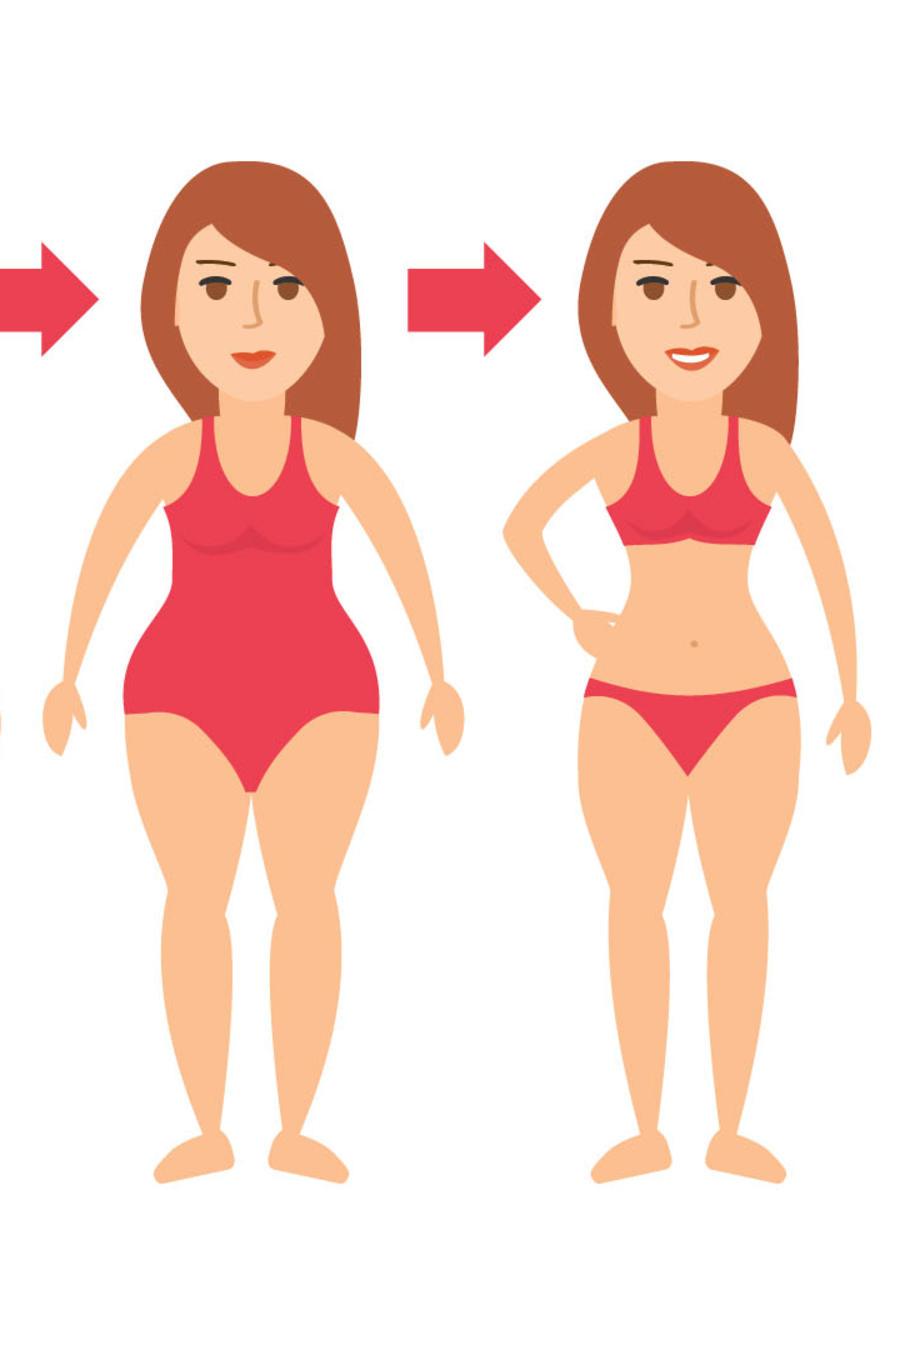 Dibujo transformación antes y después mujer